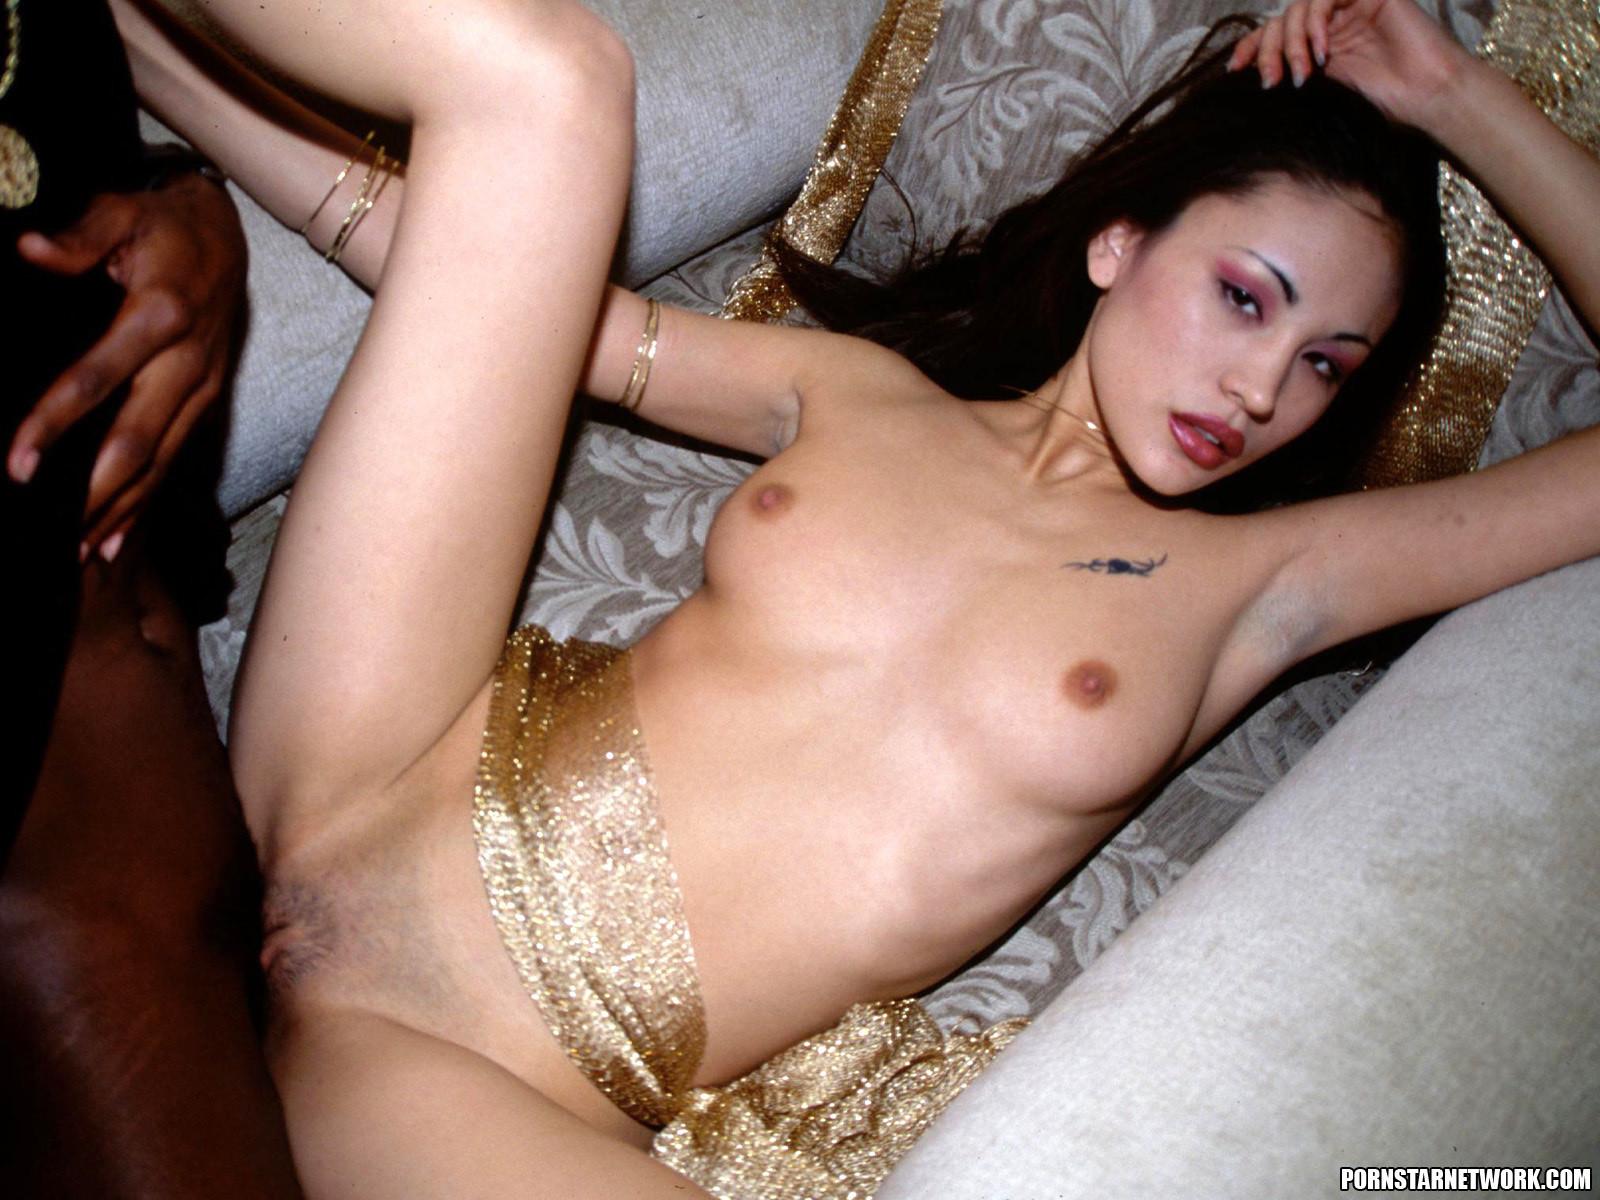 Free Erotic Sites